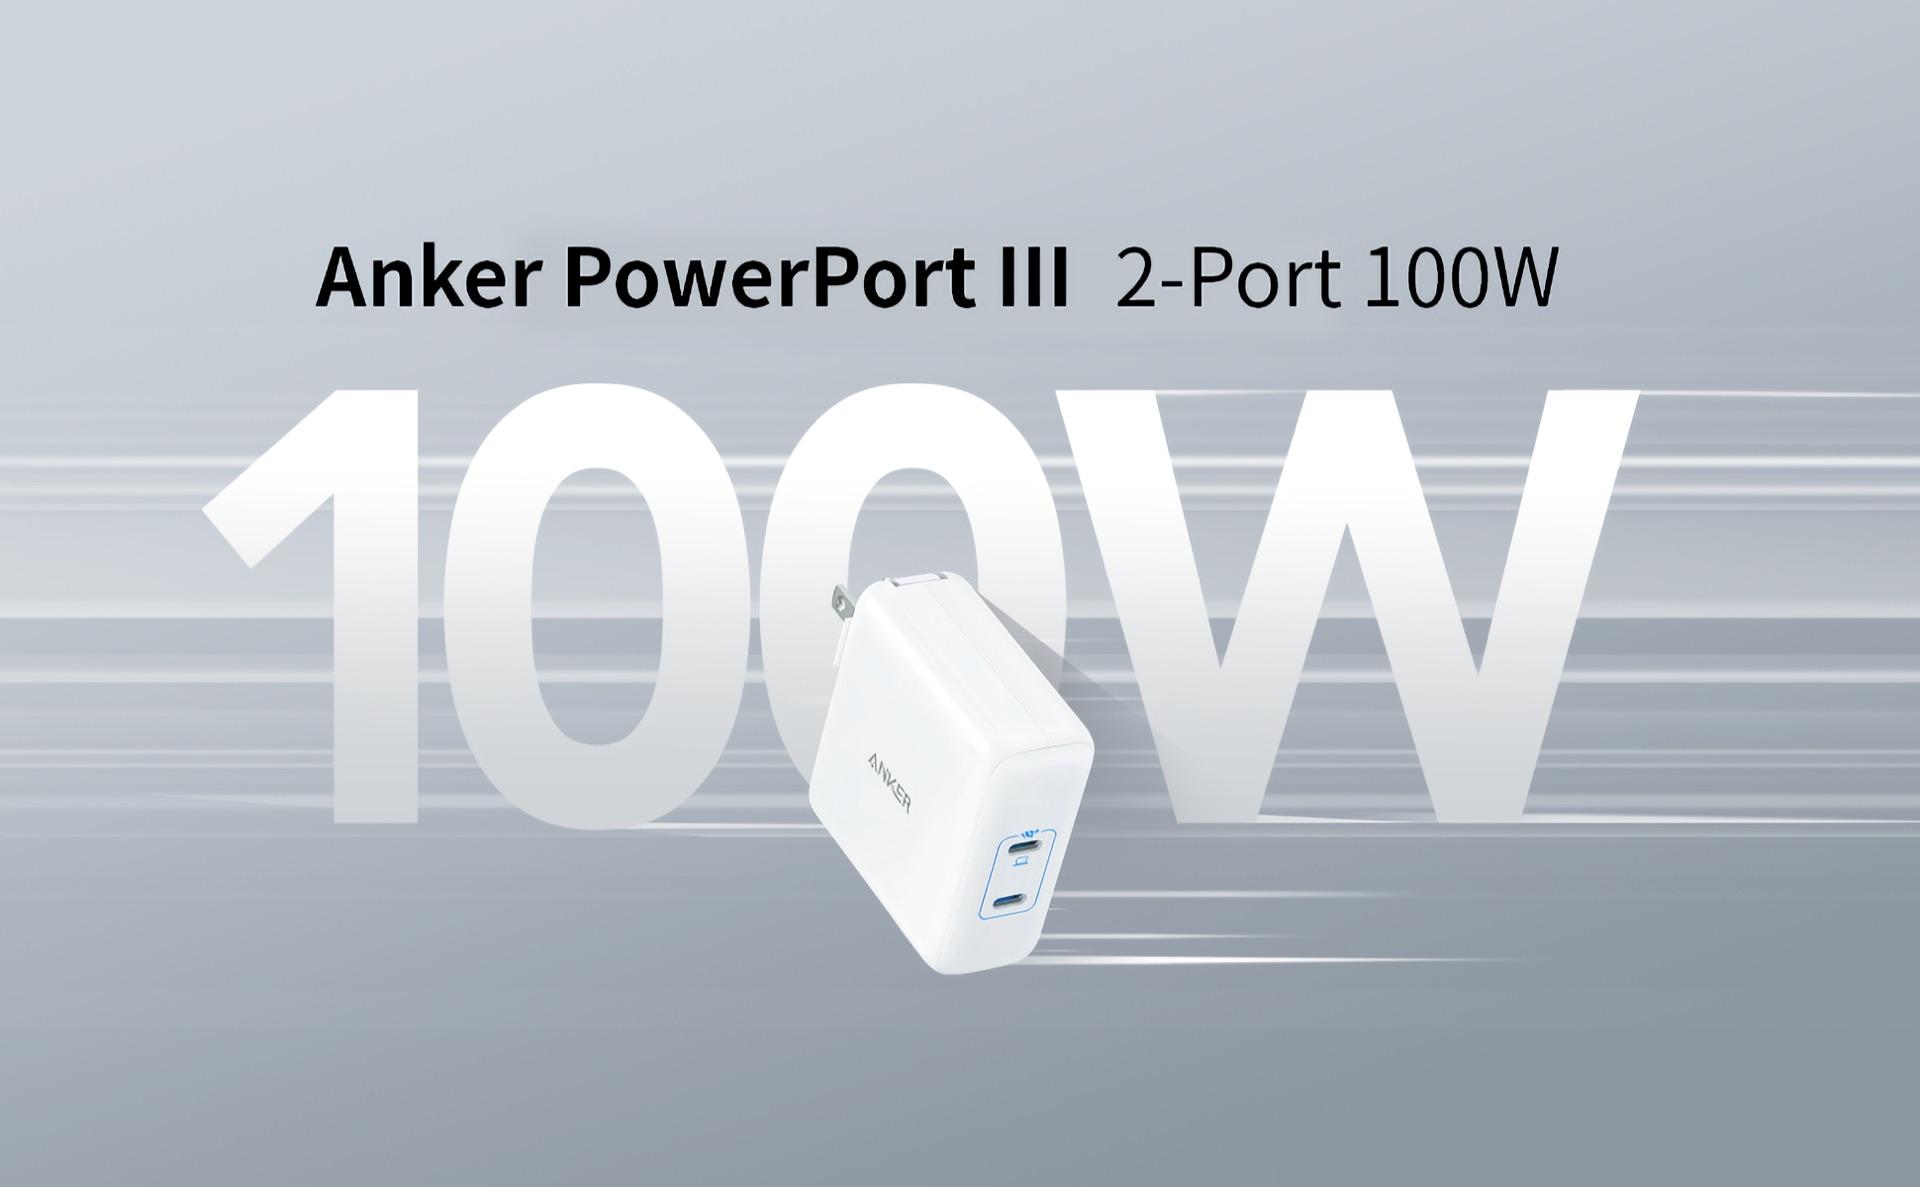 Anker PowerPort III 2-Port 100W